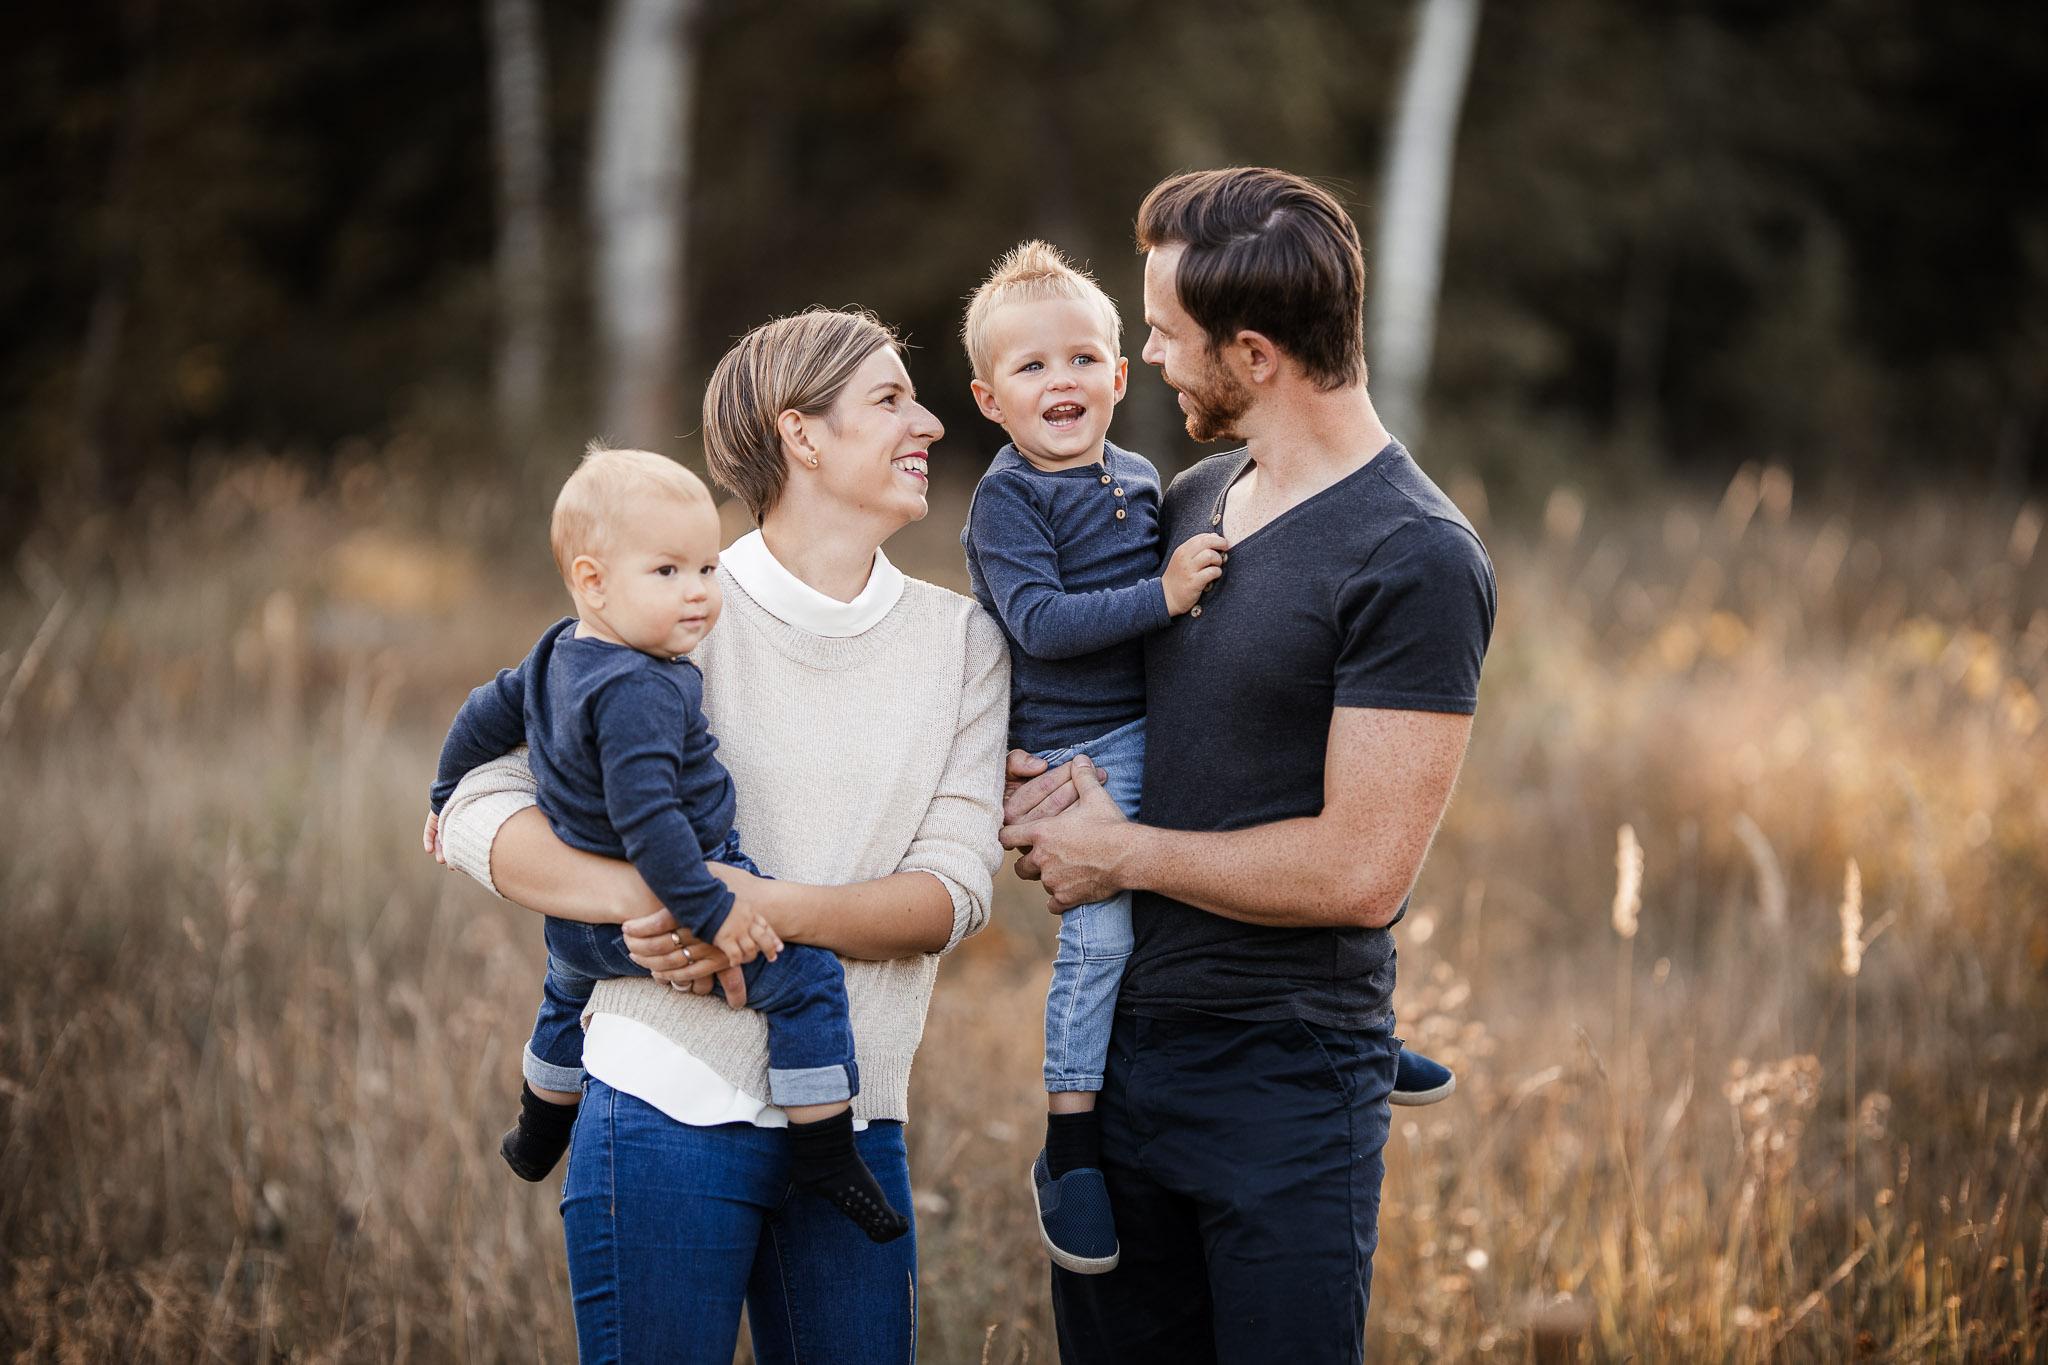 Familienfotos in Ober-Olm: Herbstbilder in der Natur 11